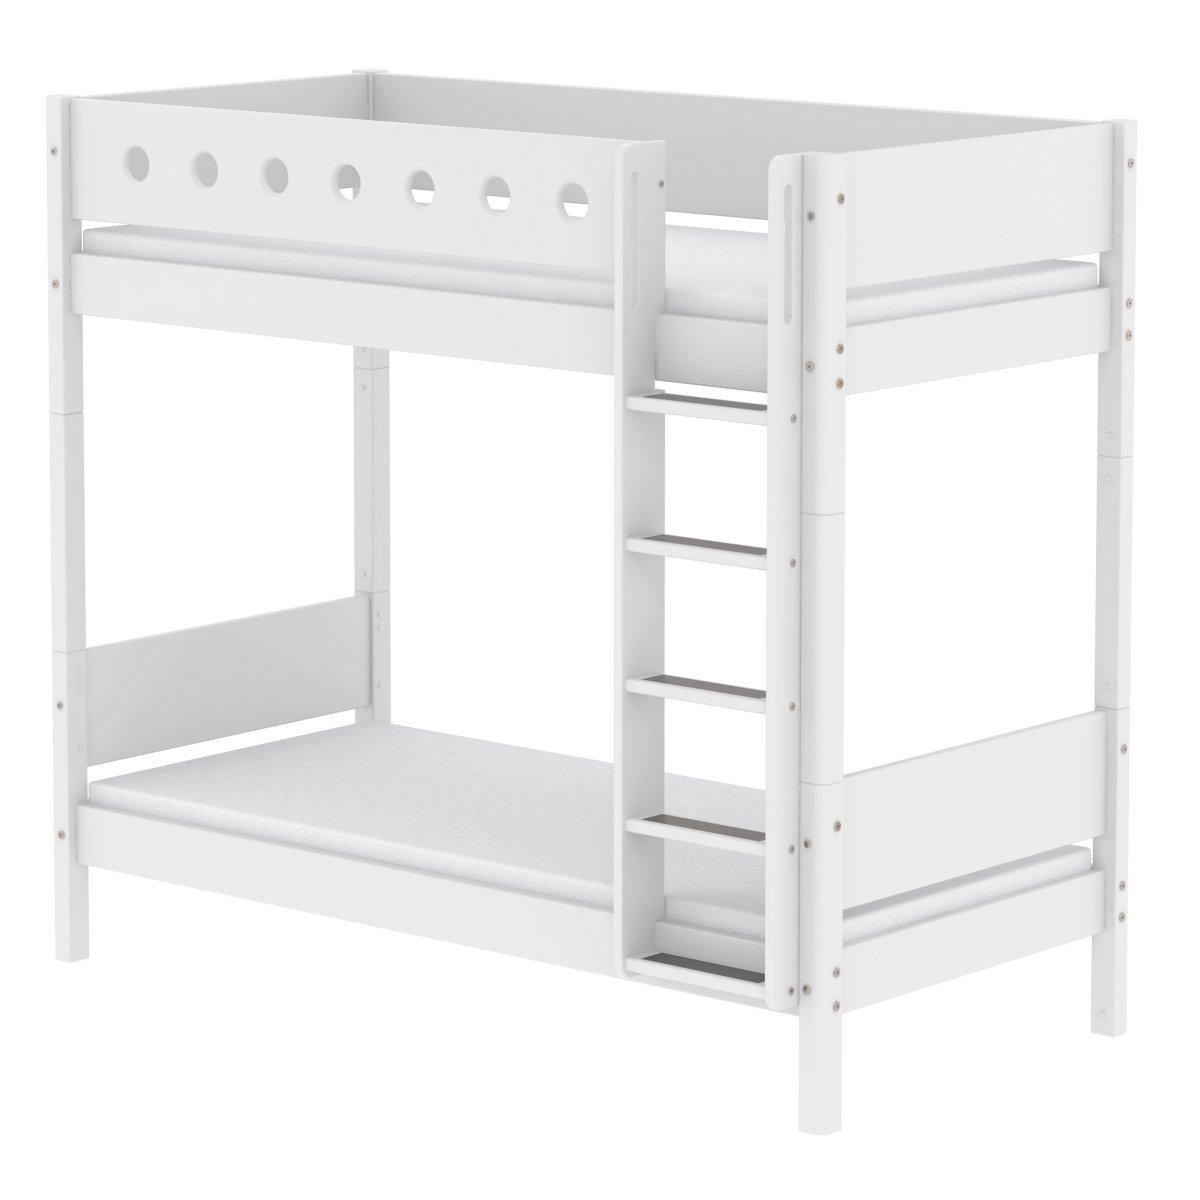 Wundervoll Flexa Etagenbett Referenz Von White Extra Hohes 90x200 Weiß/weiß